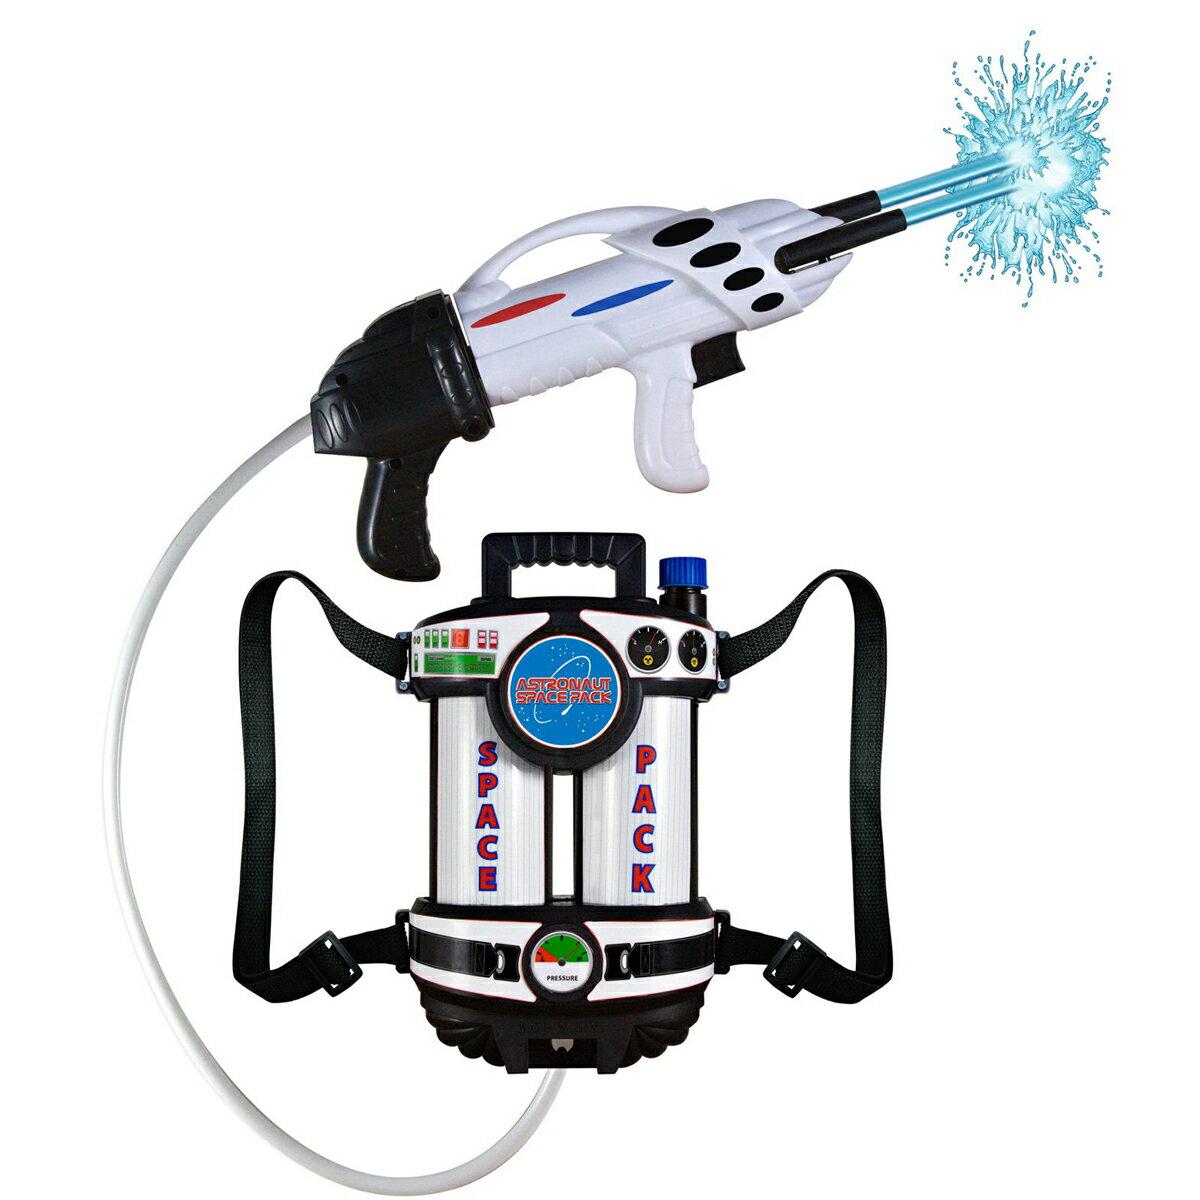 水鉄砲 よく飛ぶ 水遊び 飛距離 9m 強い 強力 宇宙飛行士 グッズ 背負える水鉄砲 子供 おもちゃ プール 海 夏 あす楽